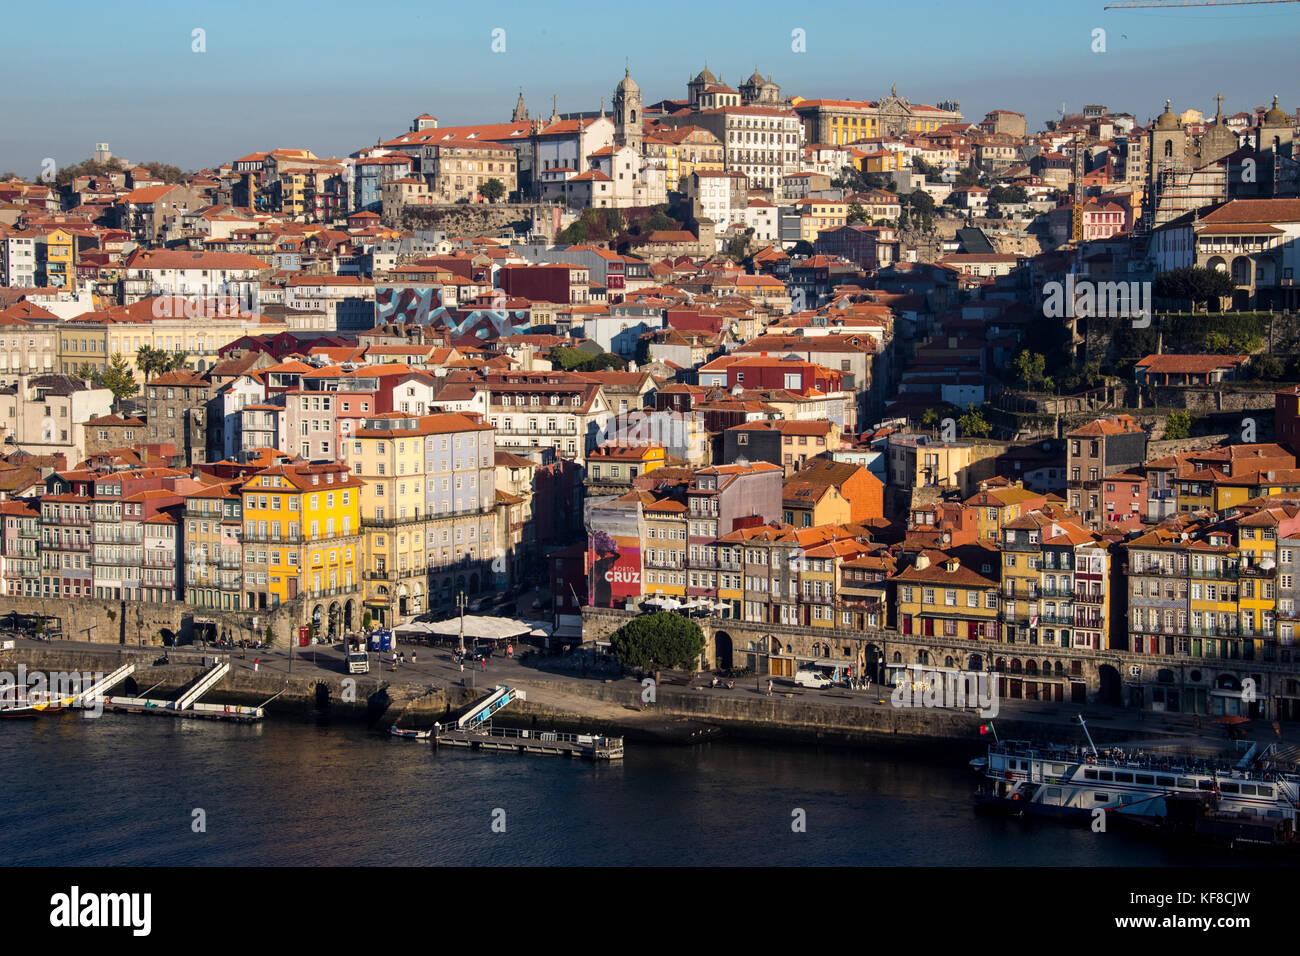 Douro riverfront, Porto, Portugal - Stock Image